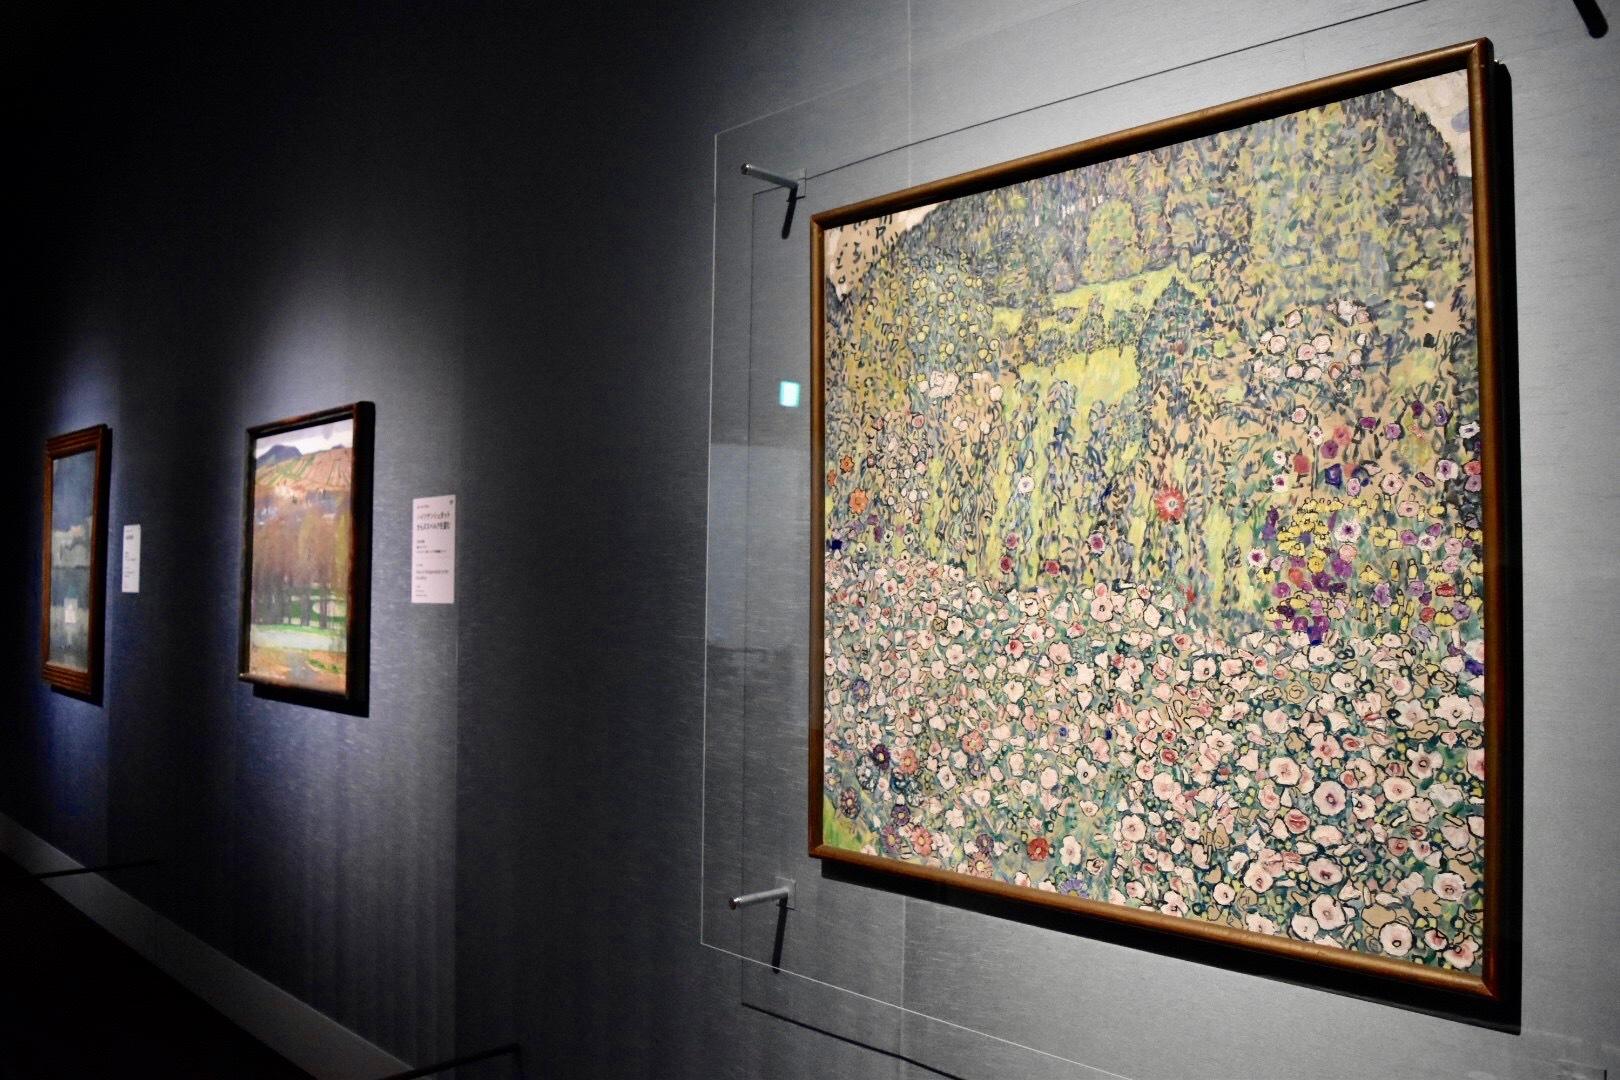 右:グスタフ・クリムト 《丘の見える庭の風景》 1916年頃 ツーク美術館蔵(カム・コレクション財団から寄託)